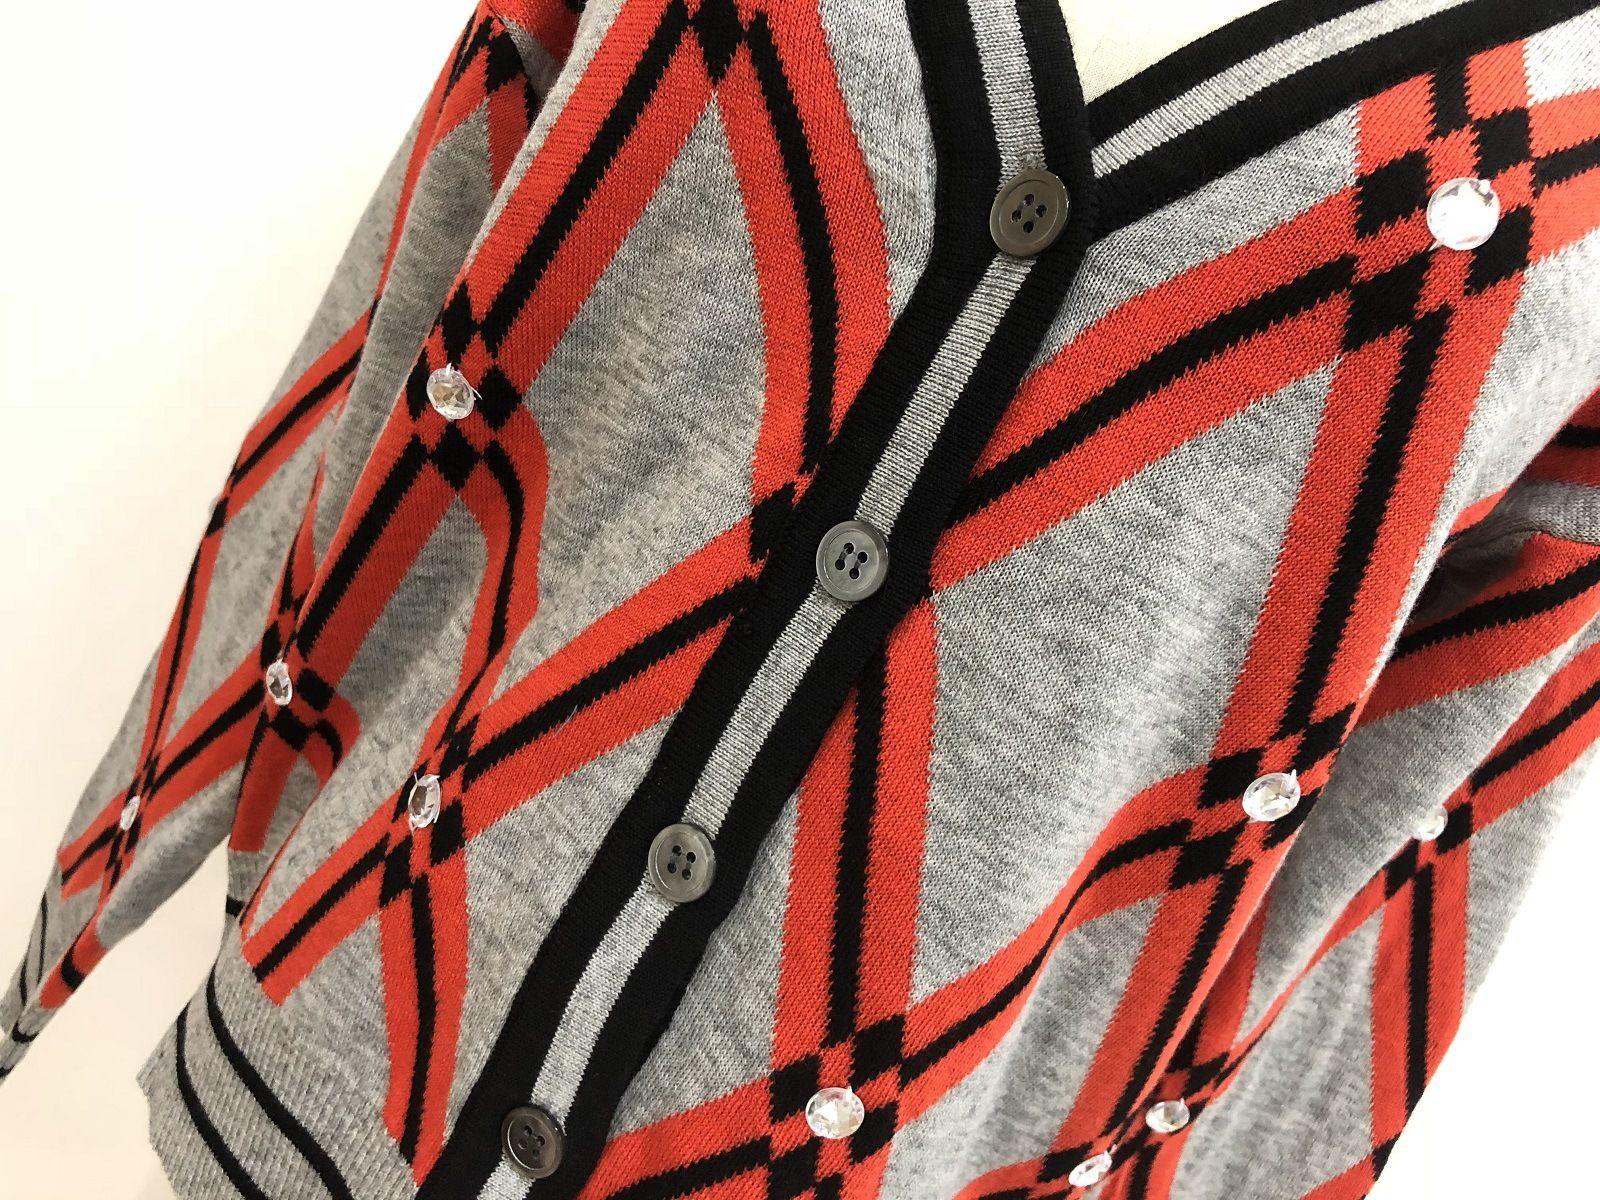 Mode-Livraison gratuite 2018 femmes Red Plaid jacquard Cardigans Marque même style Boutons Gold Line Pull femme 070509